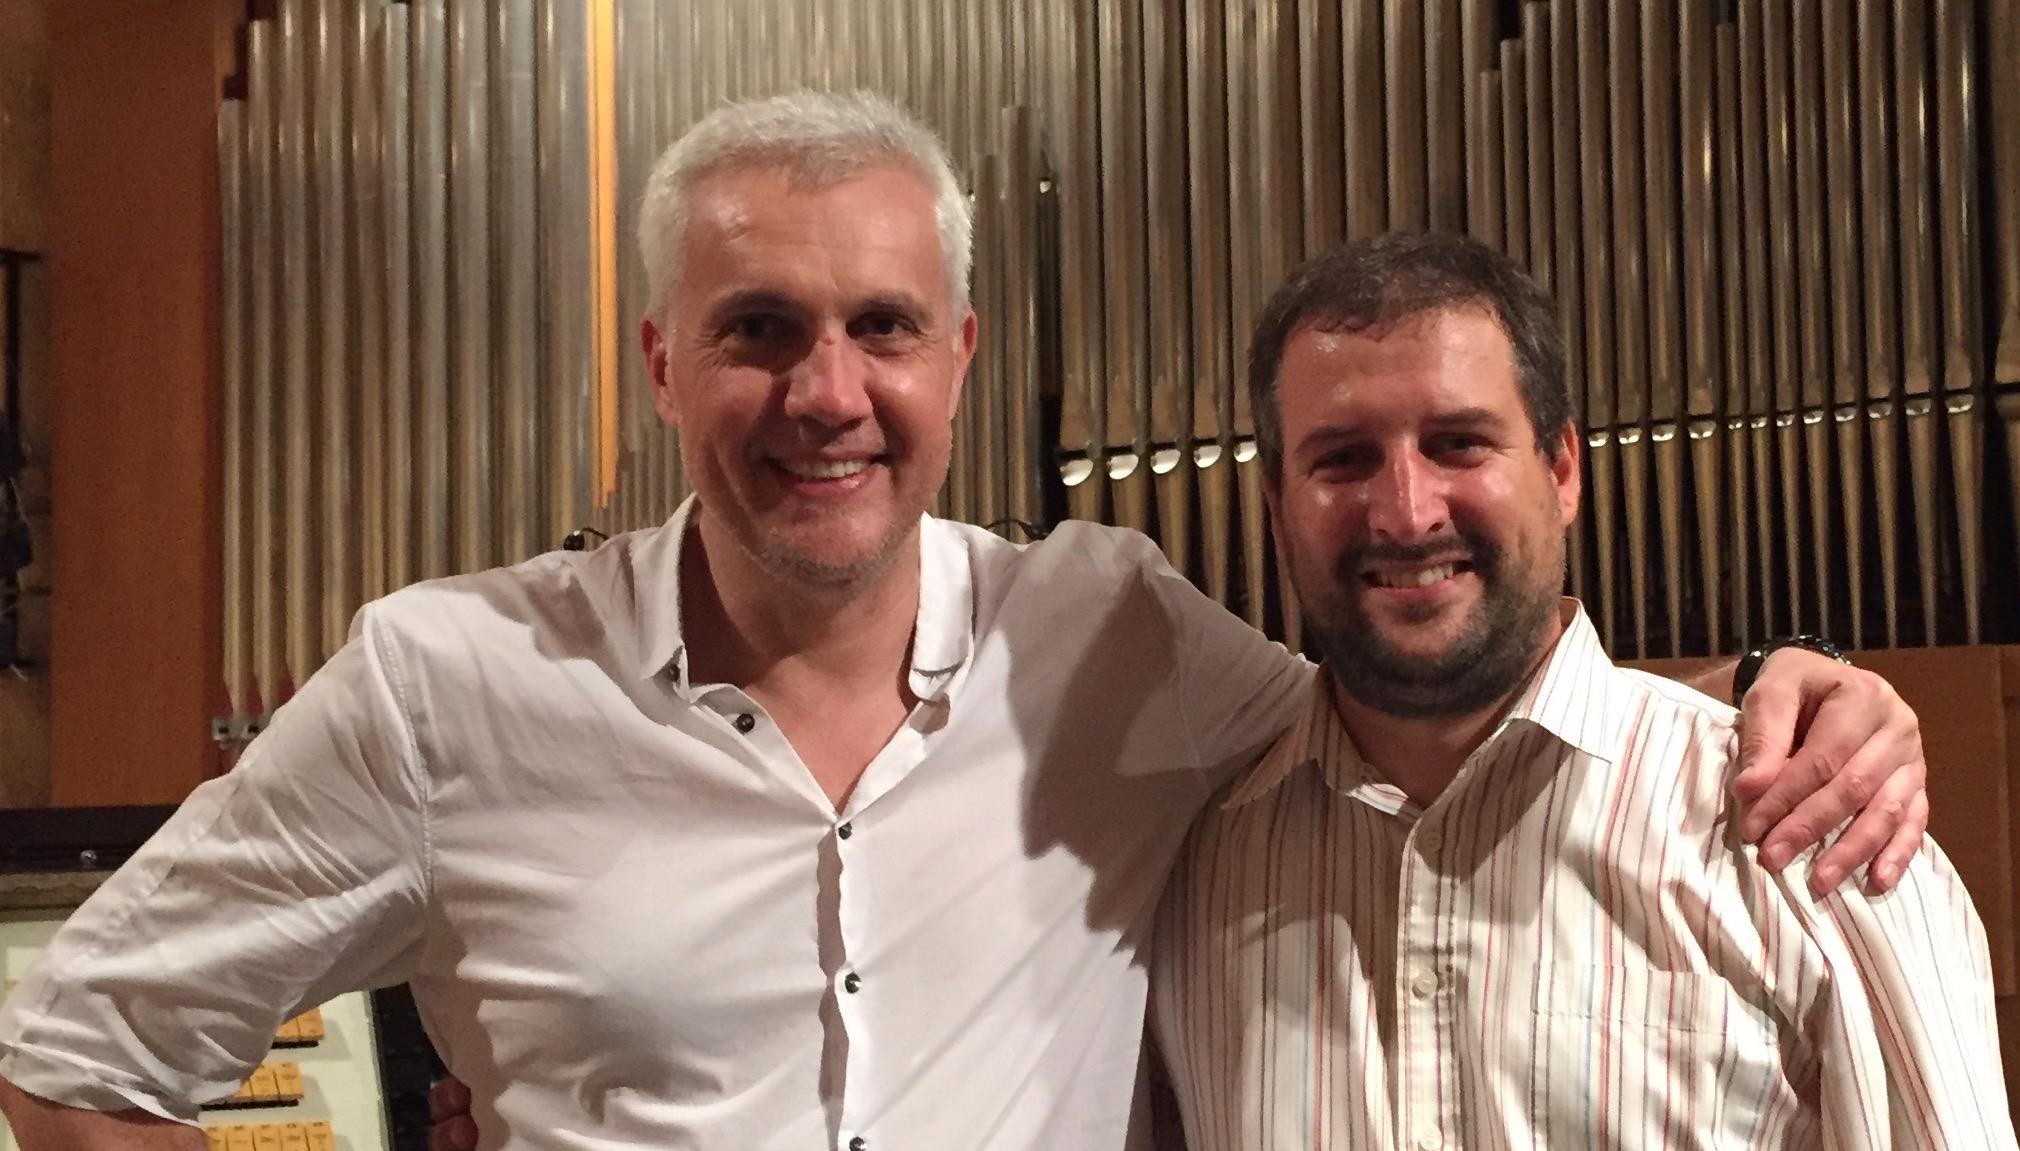 Andrew Schultz, left, and Karel Martinek in Ostrava, Czech Republic, September 2016